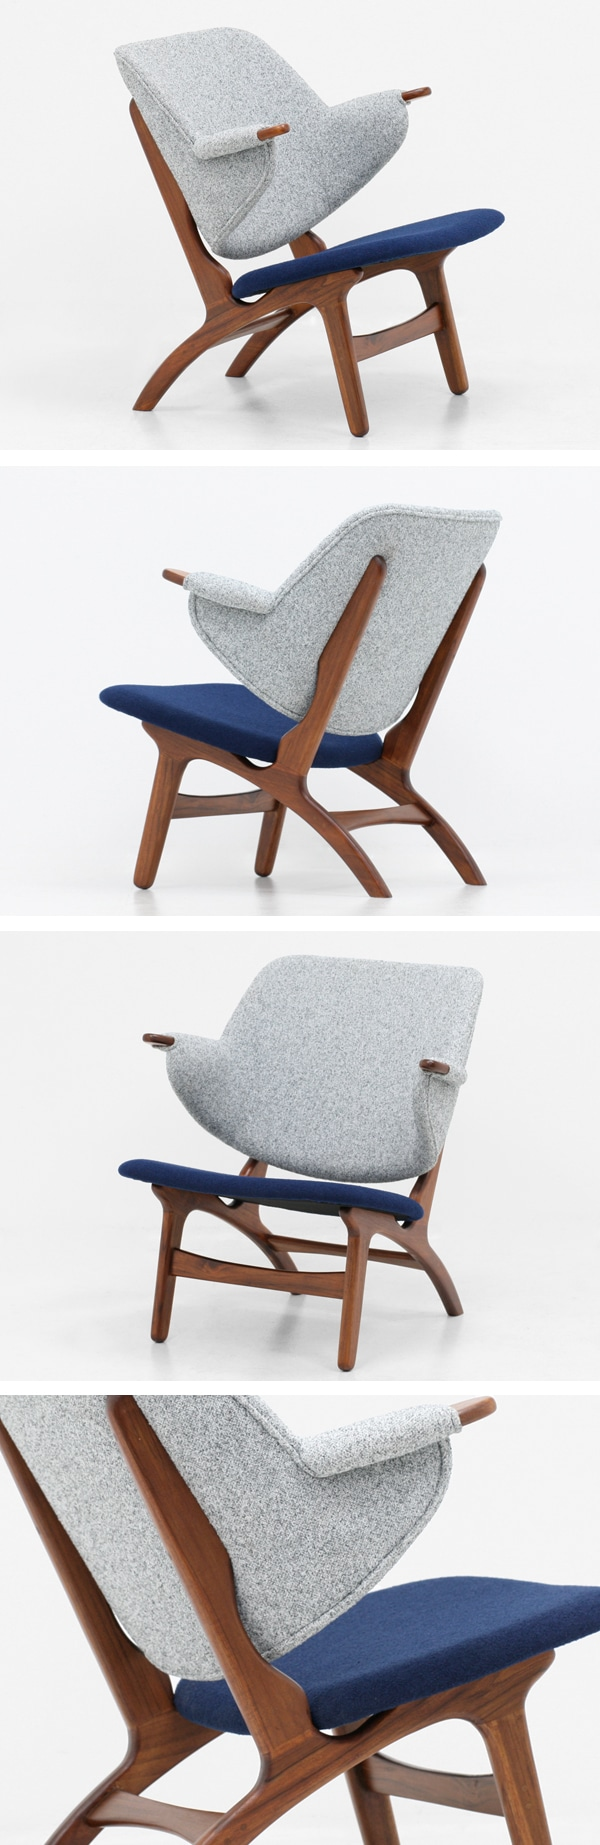 北欧デザイン家具,Klokken,クロッケン,チーク材,ラウンジチェア,グレー,ネイビー